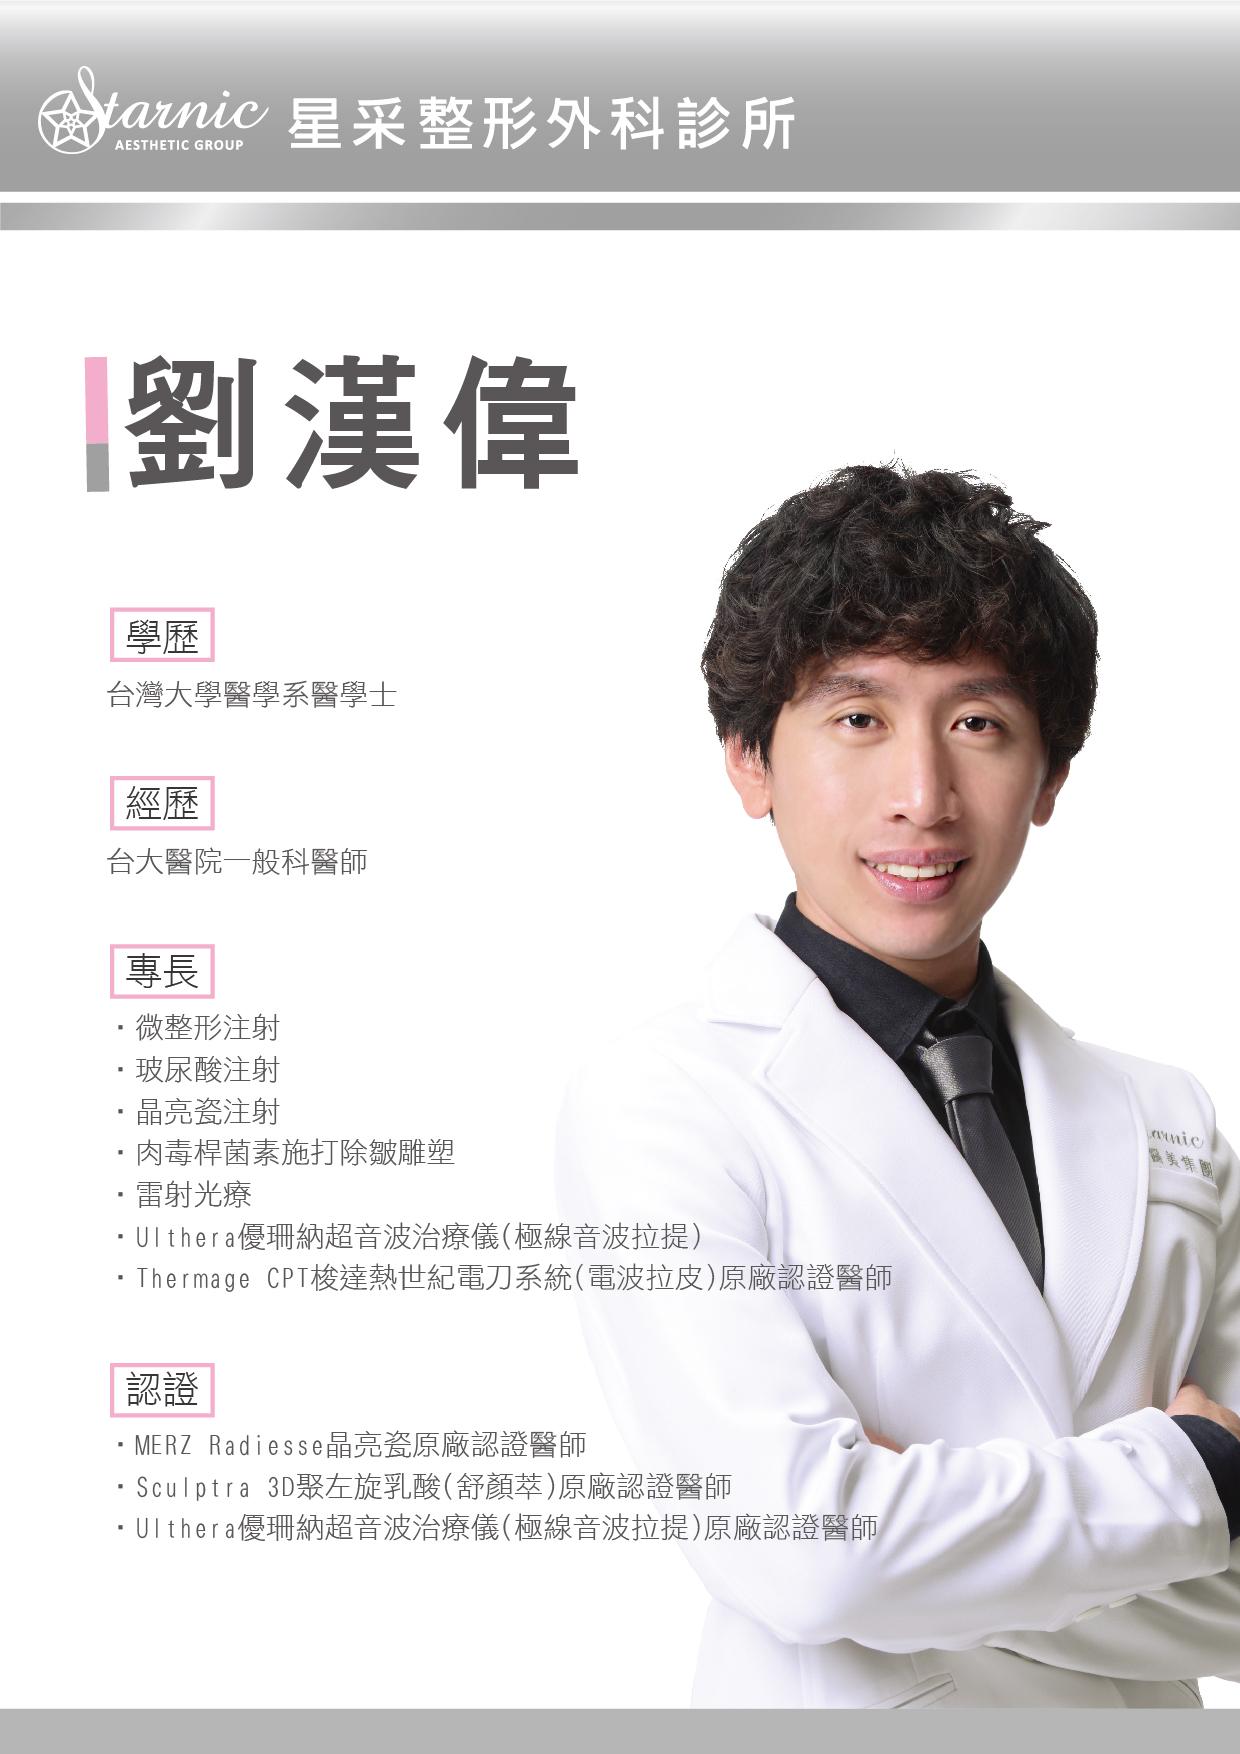 醫師簡介製作-劉漢偉-01.jpg